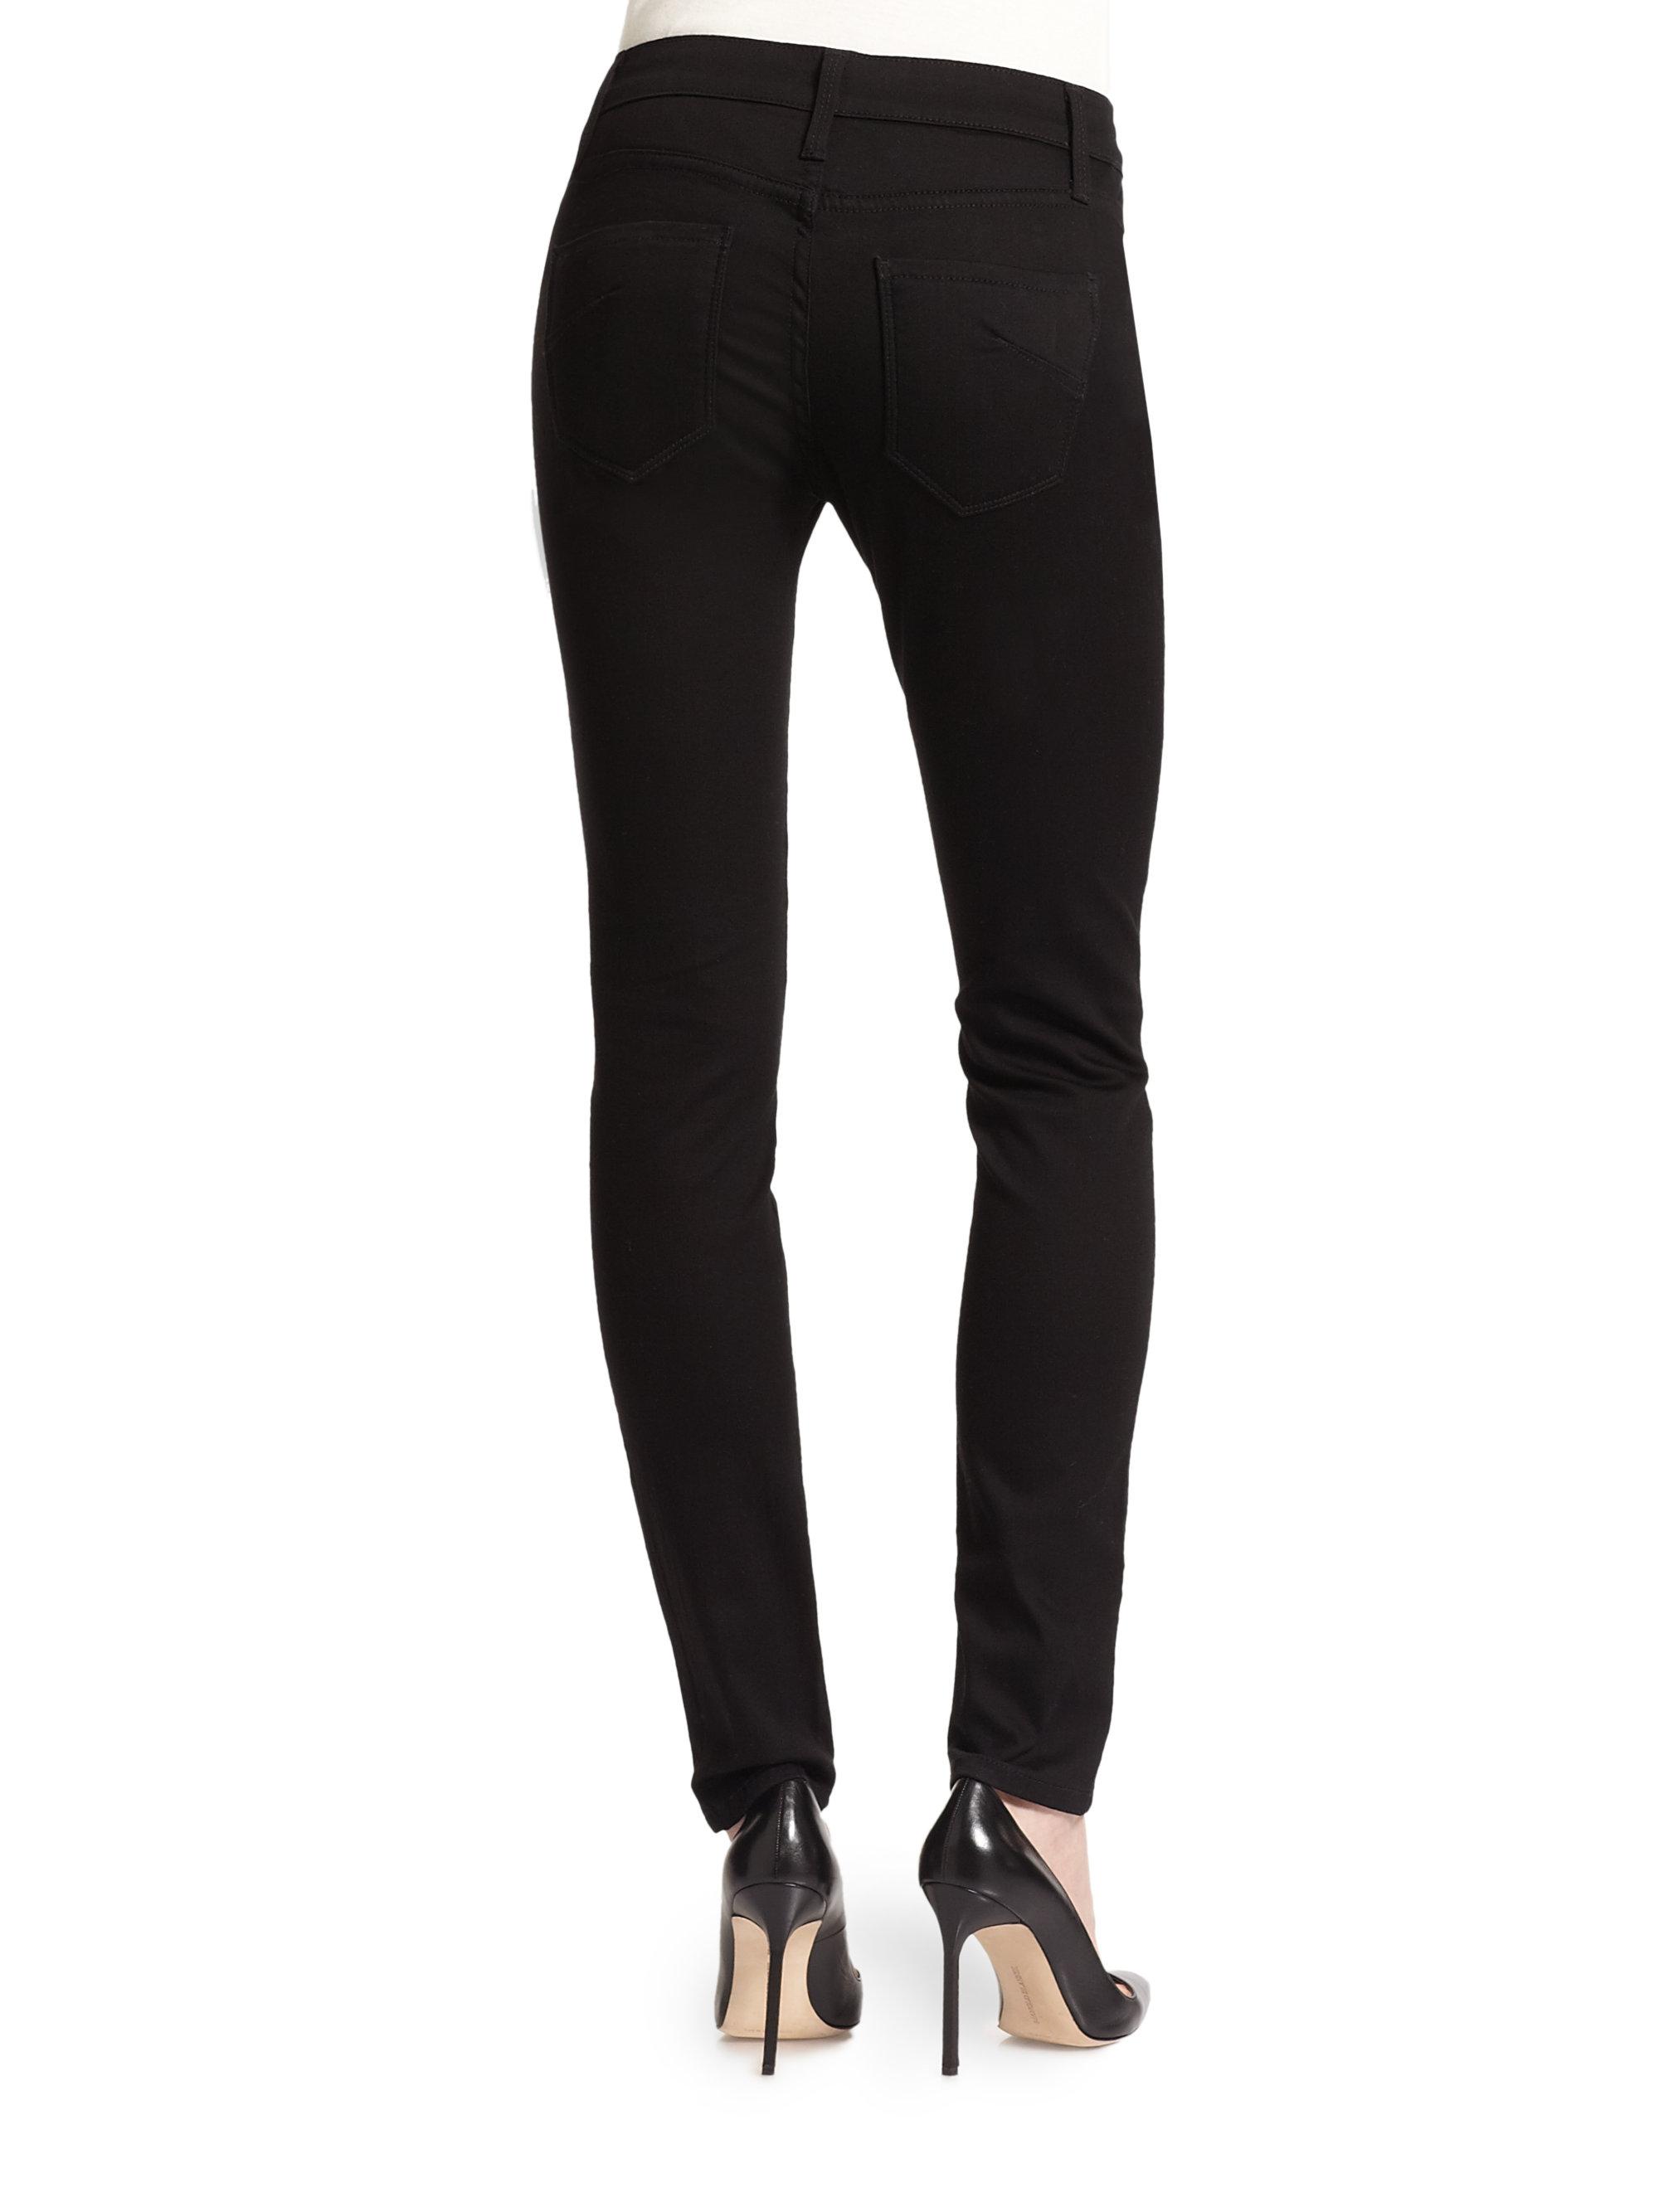 Matte Black Jeans - Jeans Am